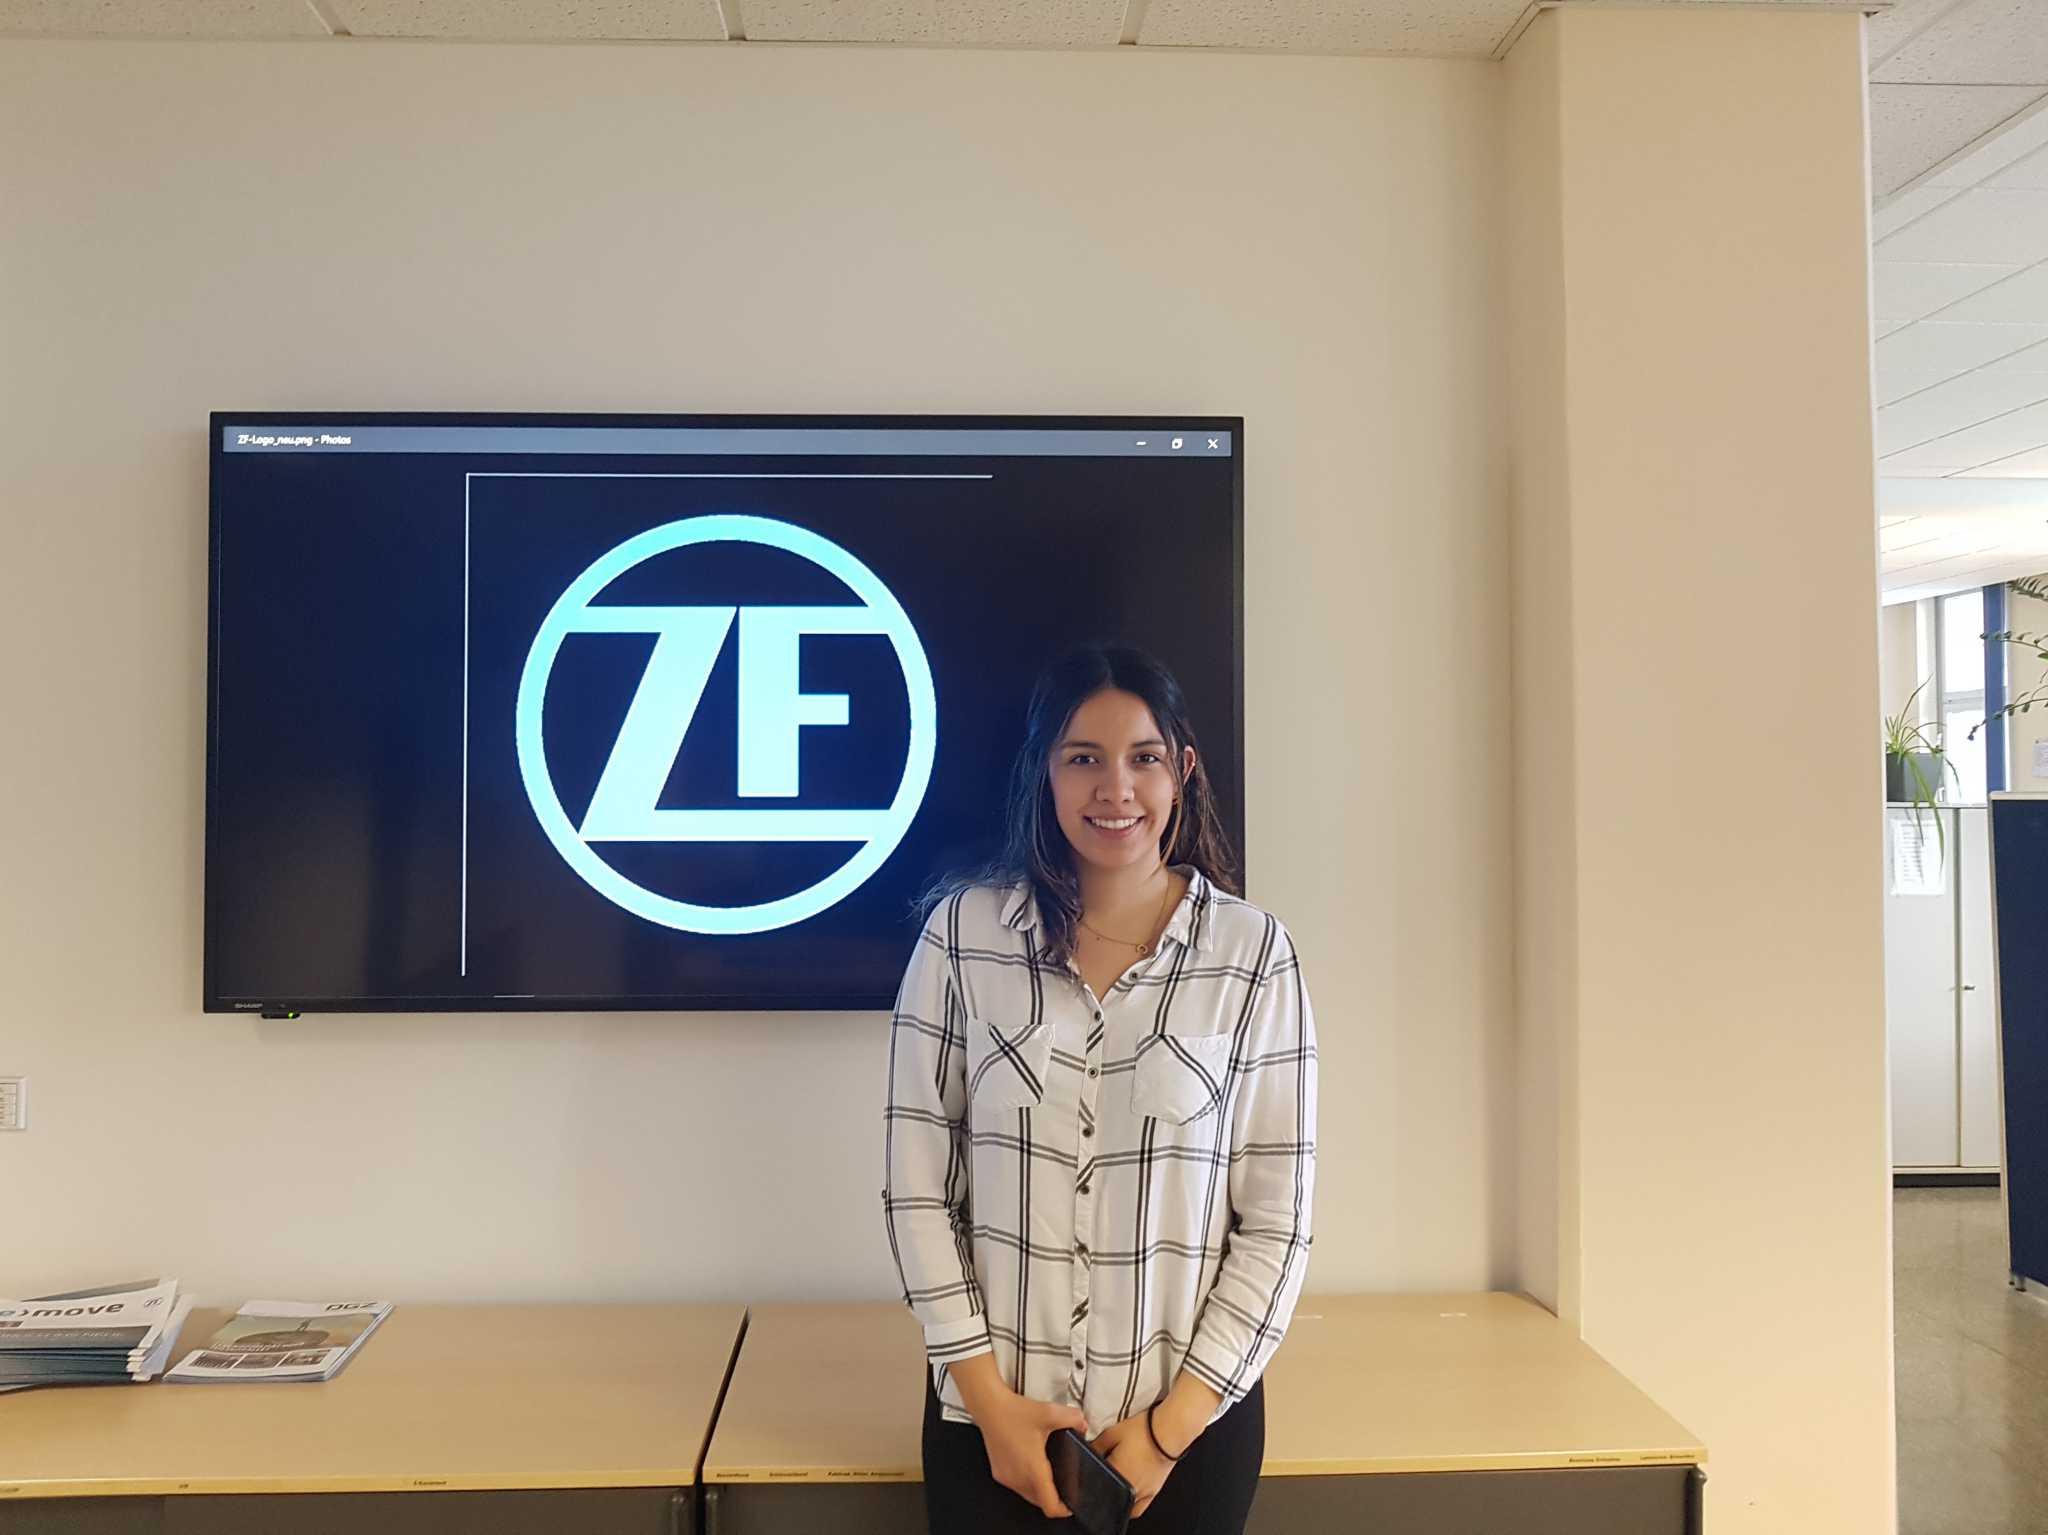 Carolina Torres arbeitet bei ZF und studiert an der FHWS. Foto: Carolina Torres